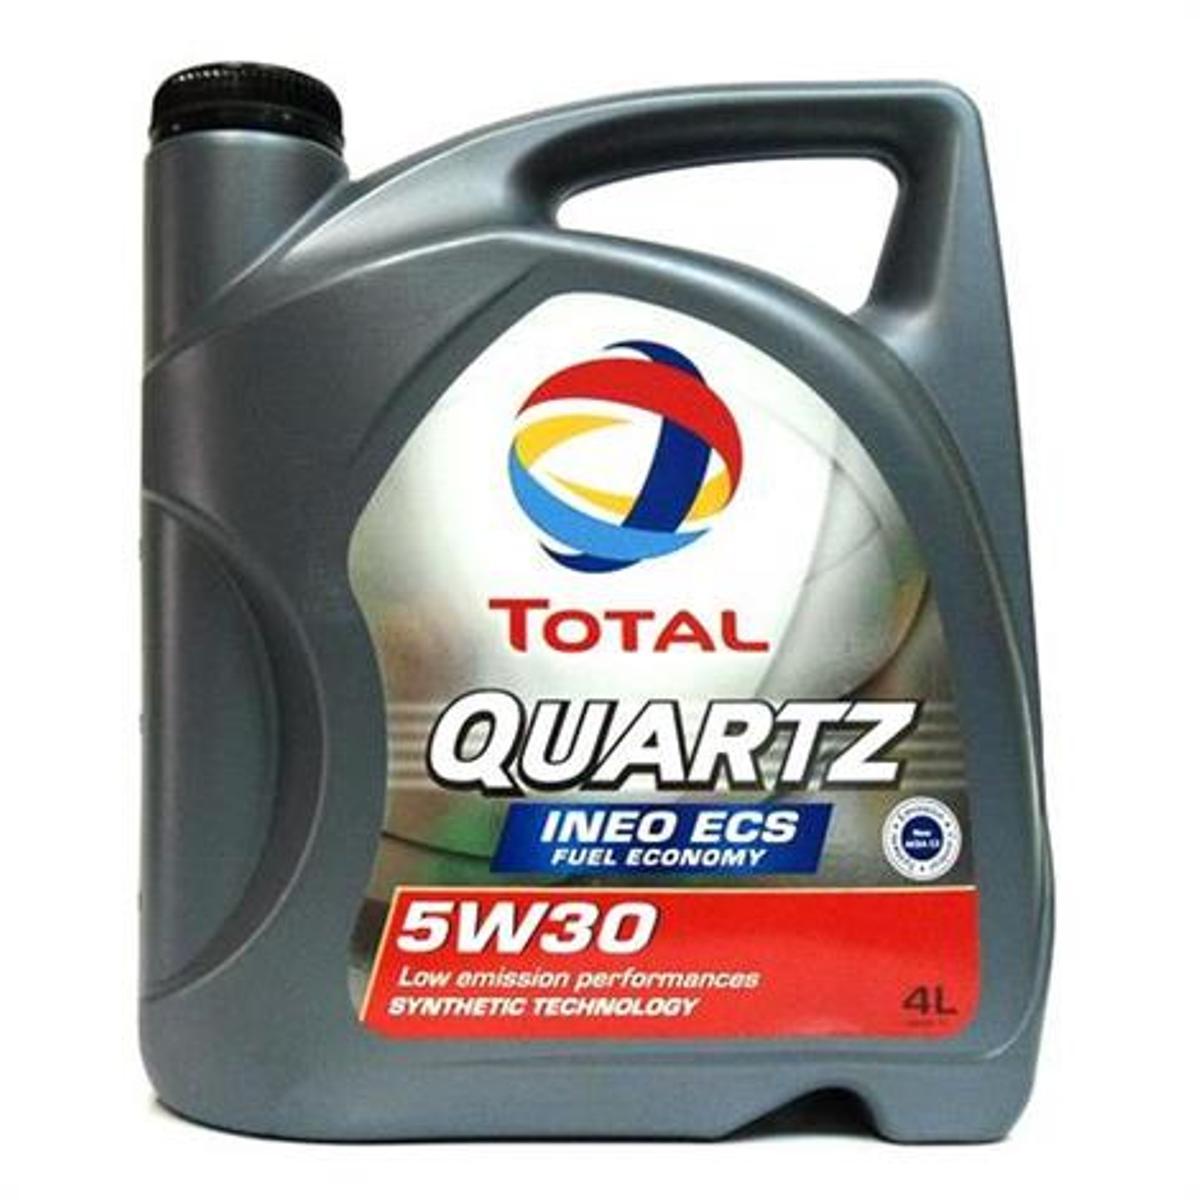 Моторное масло Total Quartz Ineo ECS 5w-30, 4 л105782Моторное масло нового поколения с пониженной сульфатной зольностью и низким содержанием фосфора и серы, специально разработанное для двигателей PEUGEOT и CITROEN. Это высокотехнологичное масло позволяет экономить топливо и оптимизирует функционирование систем контроля над выпуском загрязняющих веществ в атмосферу, например, дизельных сажевых фильтров.Одобрения• QUARTZ INEO ECS - это единственный смазочный материал с пониженной сульфатной зольностью и низким содержанием фосфора и серы, рекомендуемый изготовителями Peugeot и Citroen: одобрение PSA PEUGEOT & CITROEN B71 2290 • Соответствует техническим требованиям TOYOTA